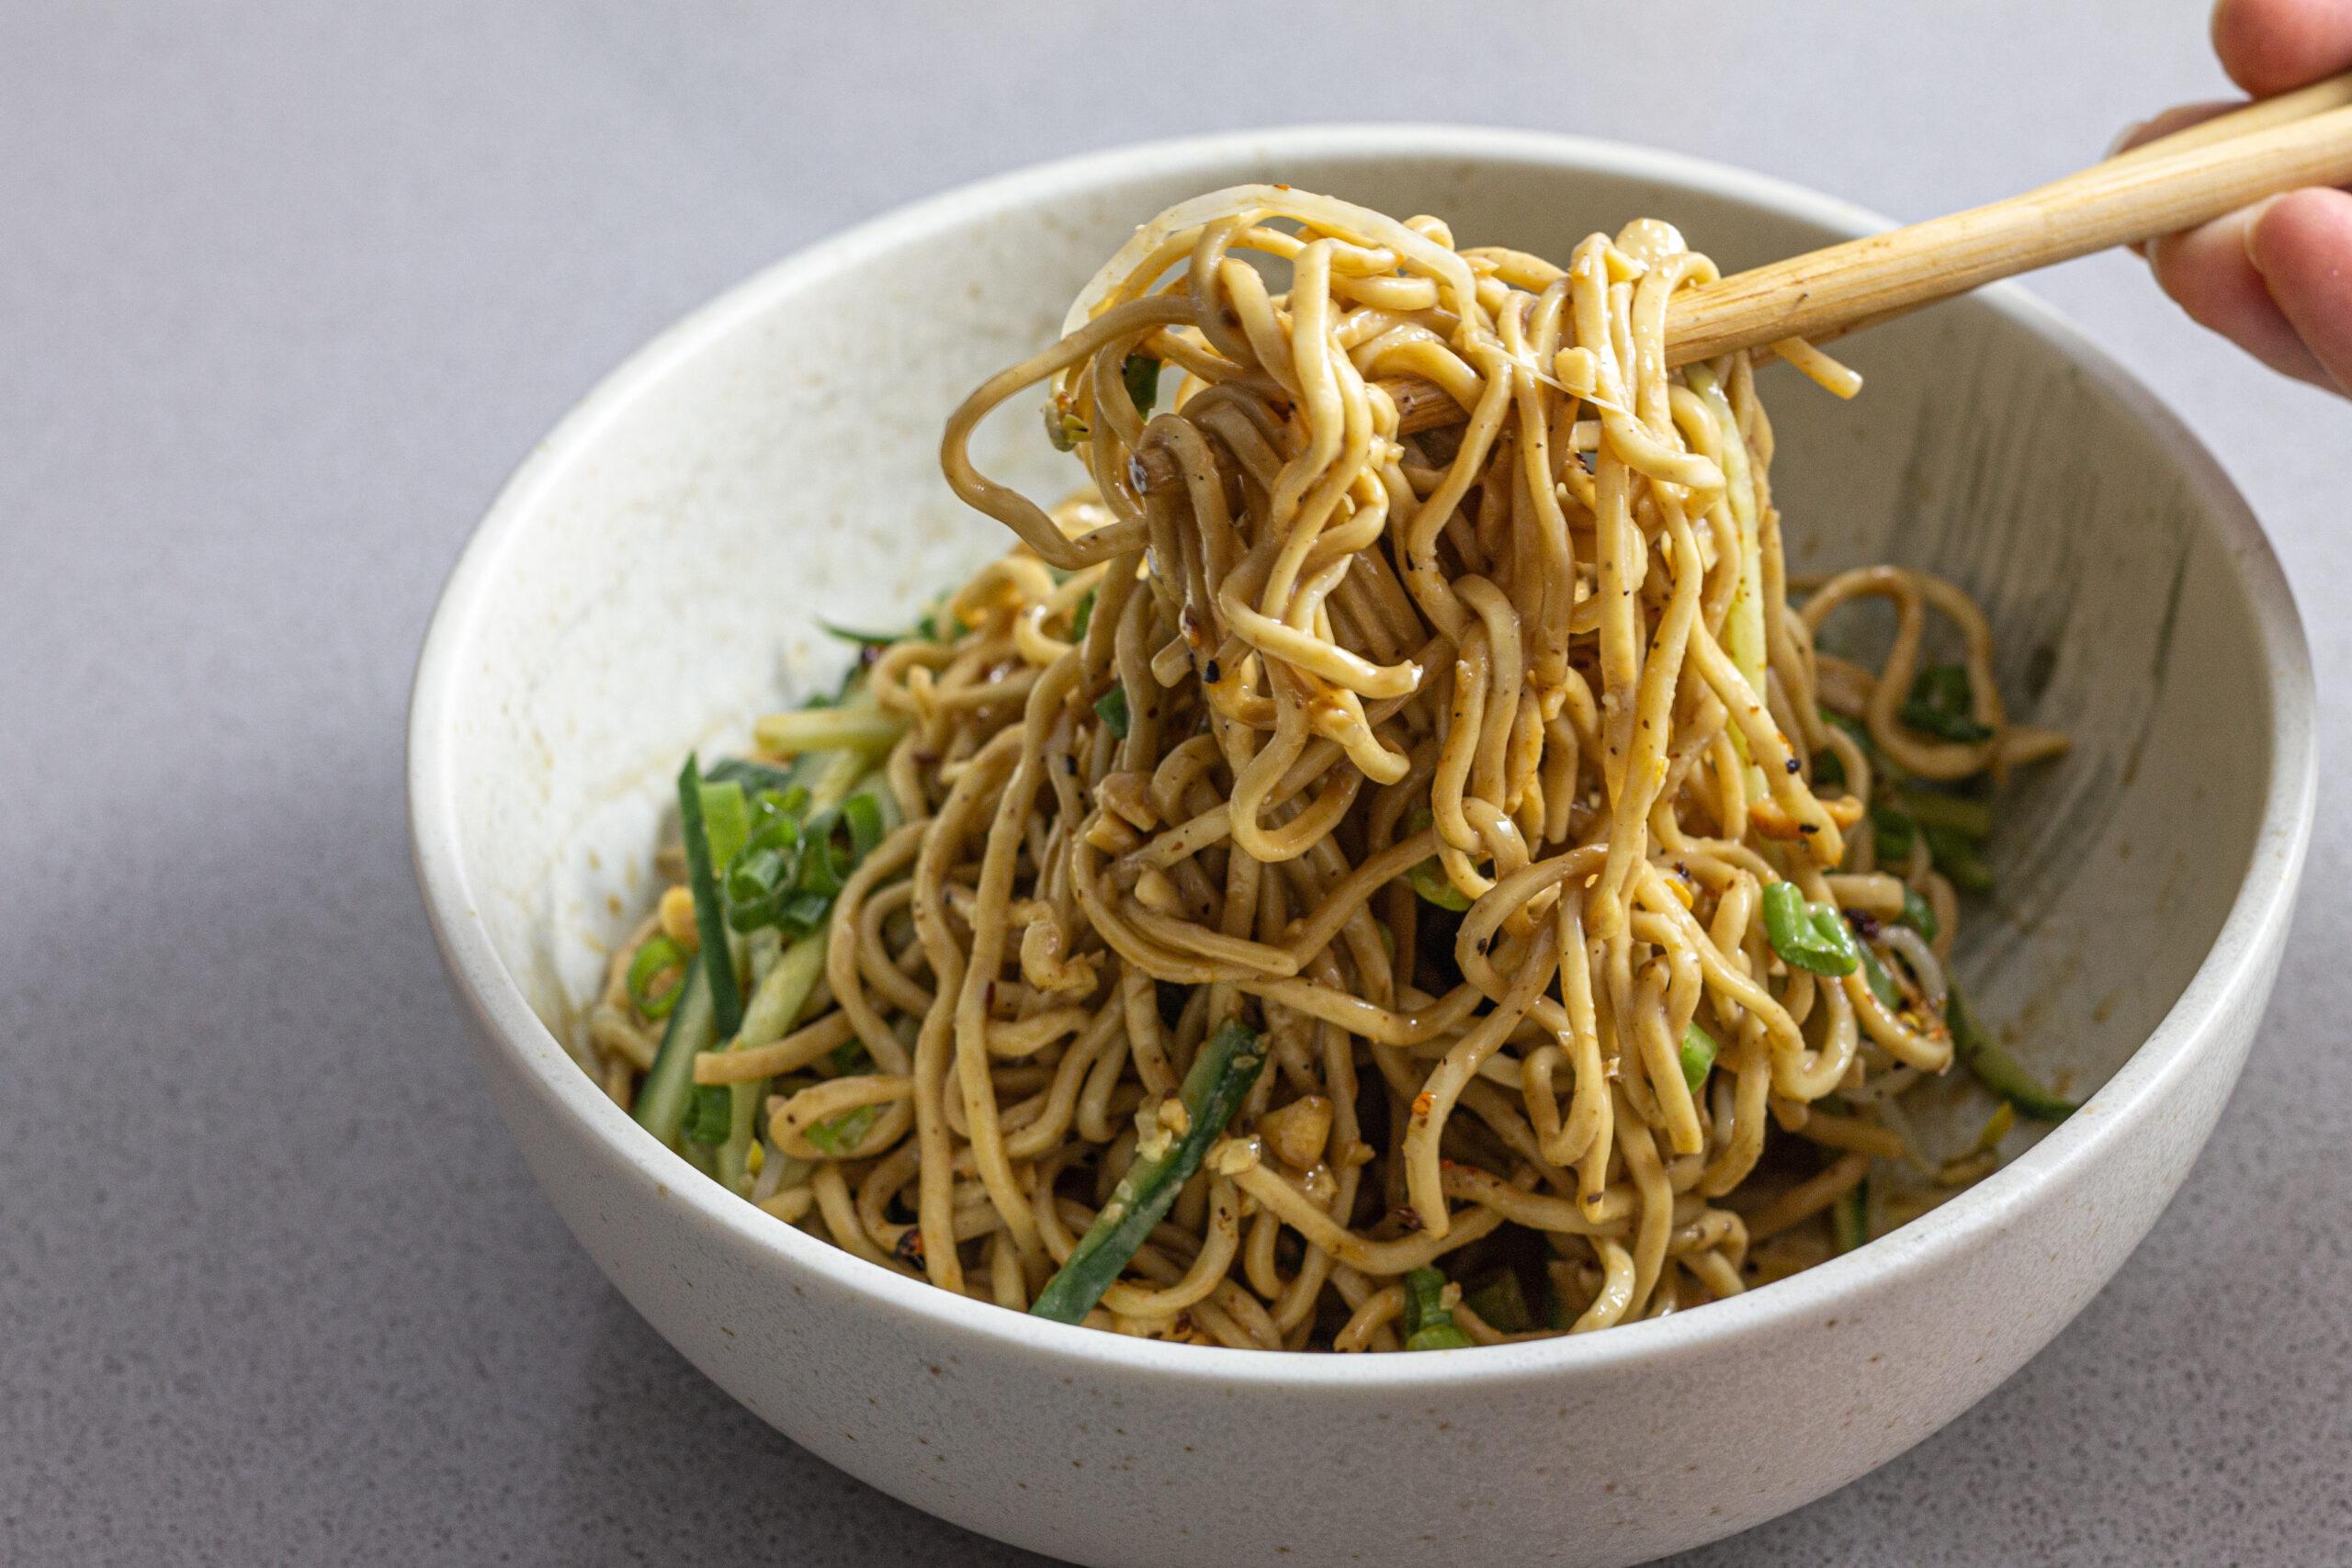 Liang mian noodle